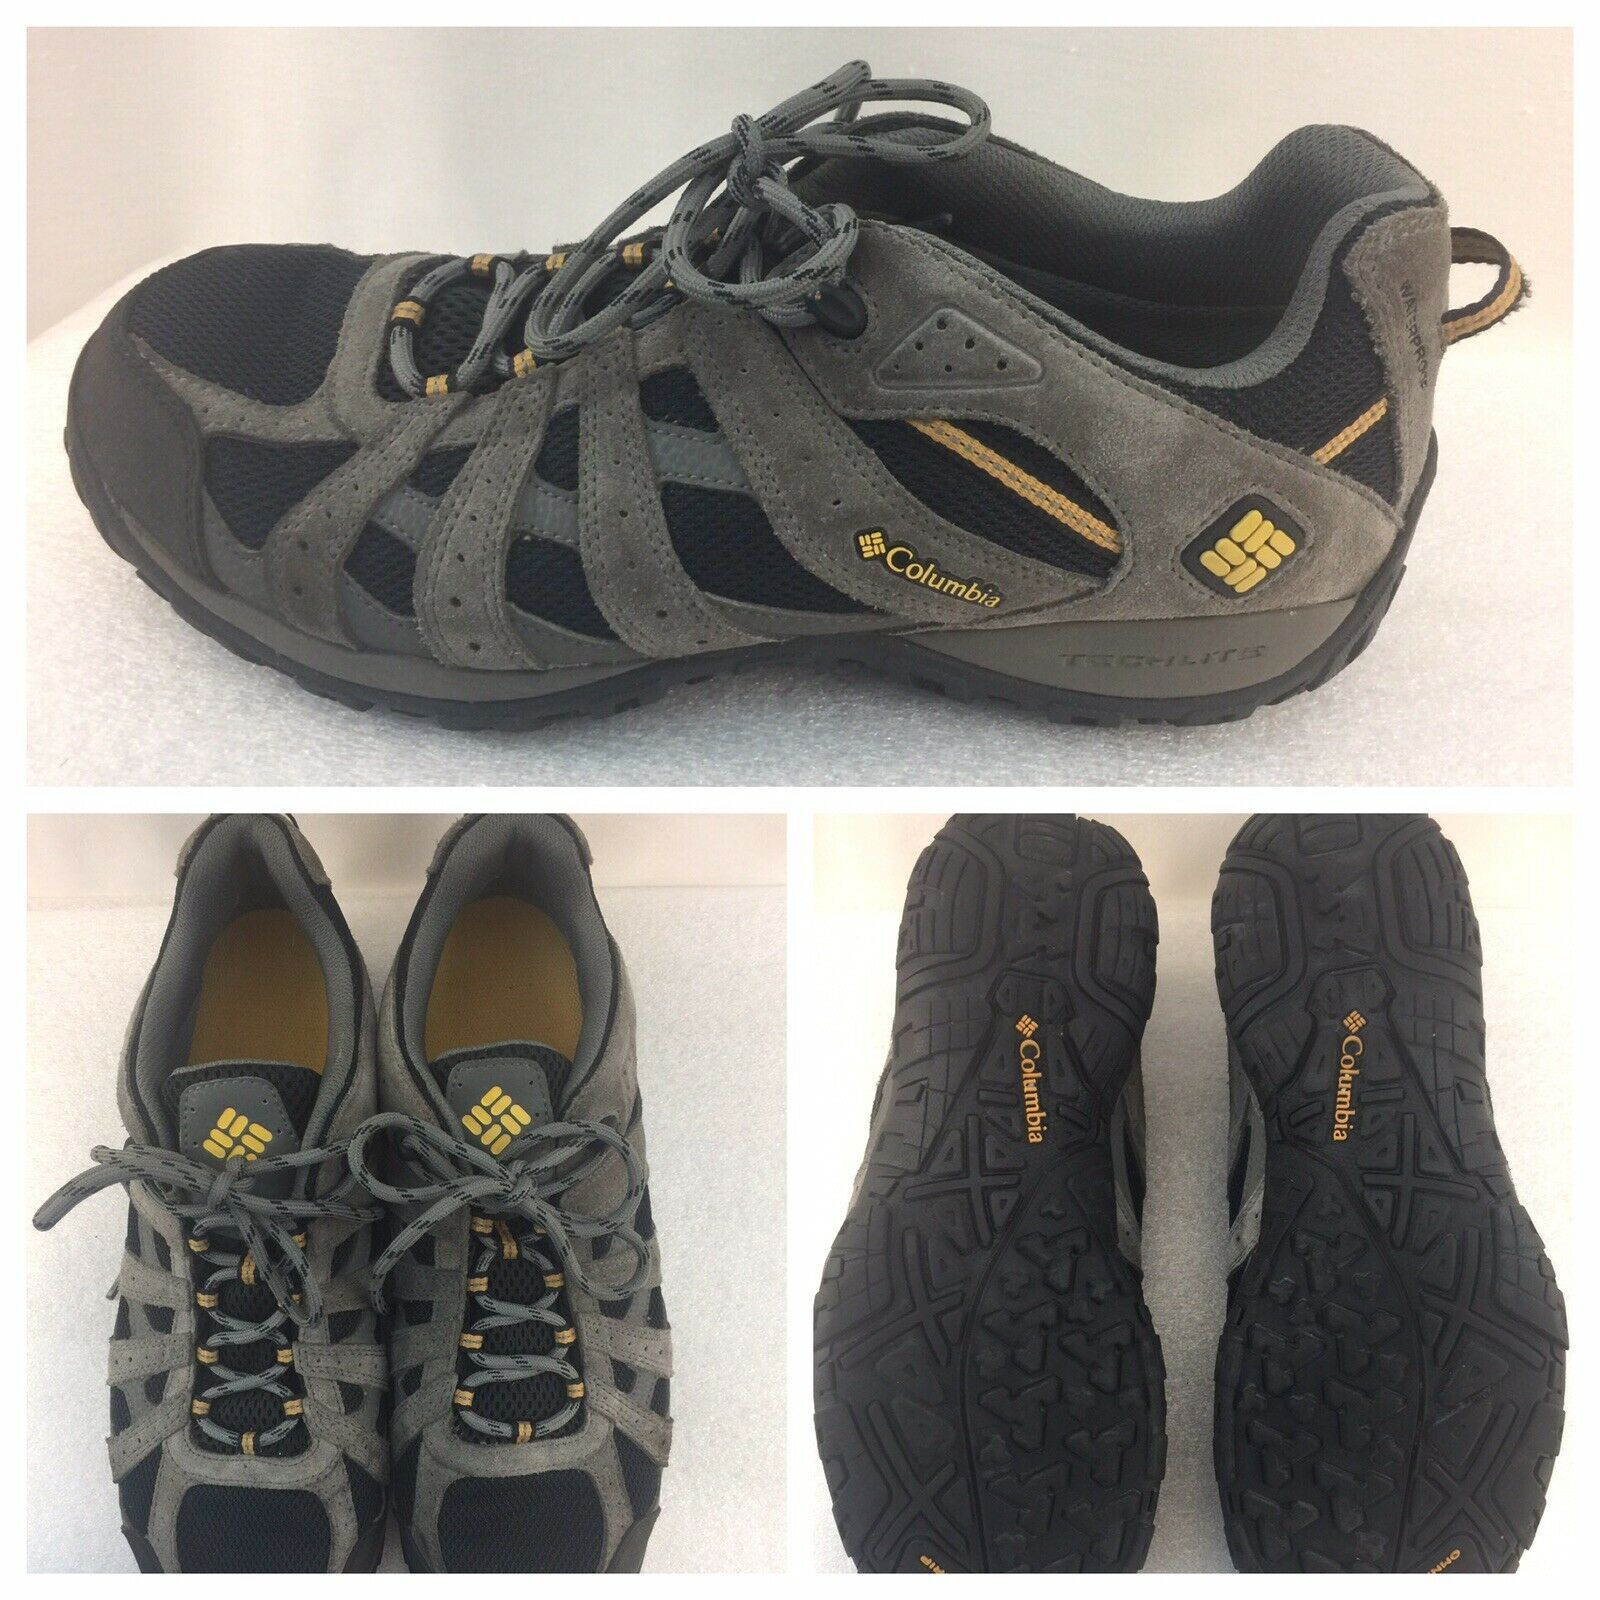 Columbia  Techlite Omni Grip BM3938-010 Hombre Talla 11.5 EE. UU. 44.5 EUR Zapatos Gay Negro  ordene ahora los precios más bajos